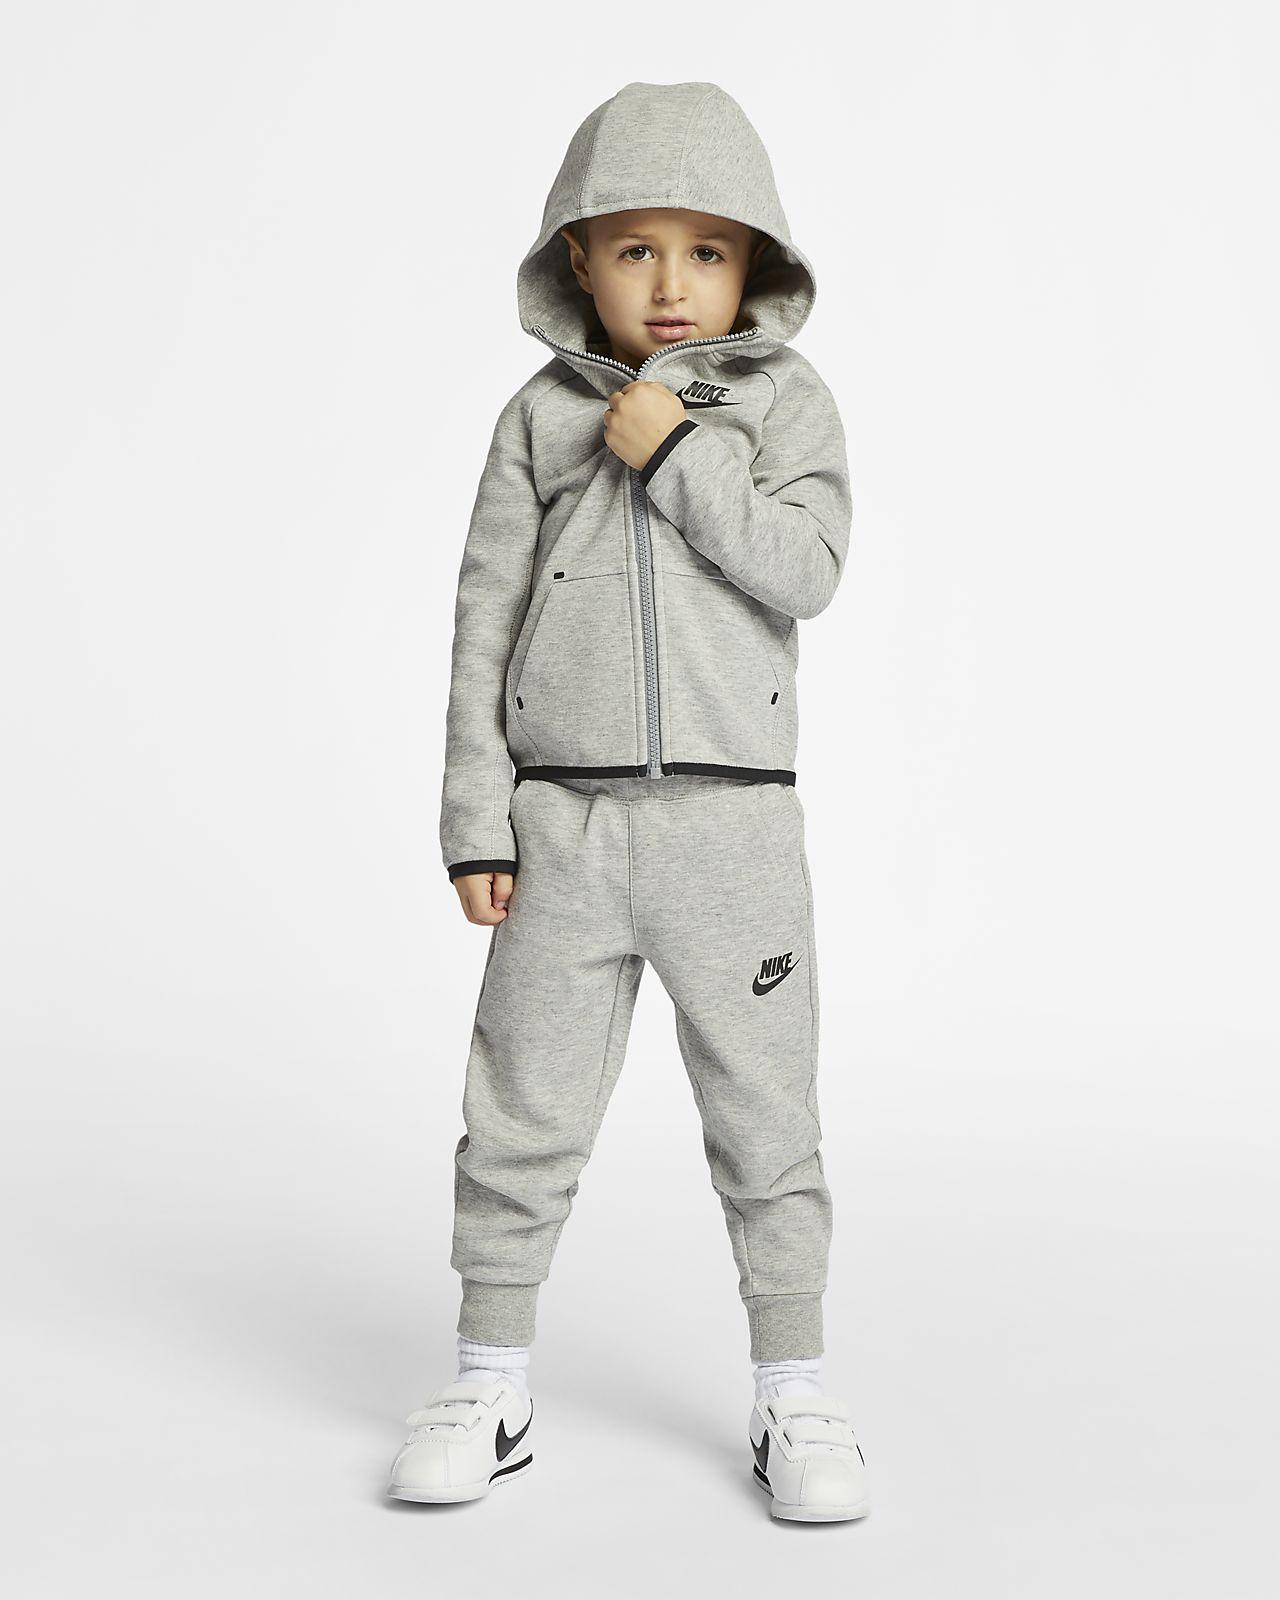 Nike Sportswear Tech Fleece Infant 2 Piece Set Size 24M